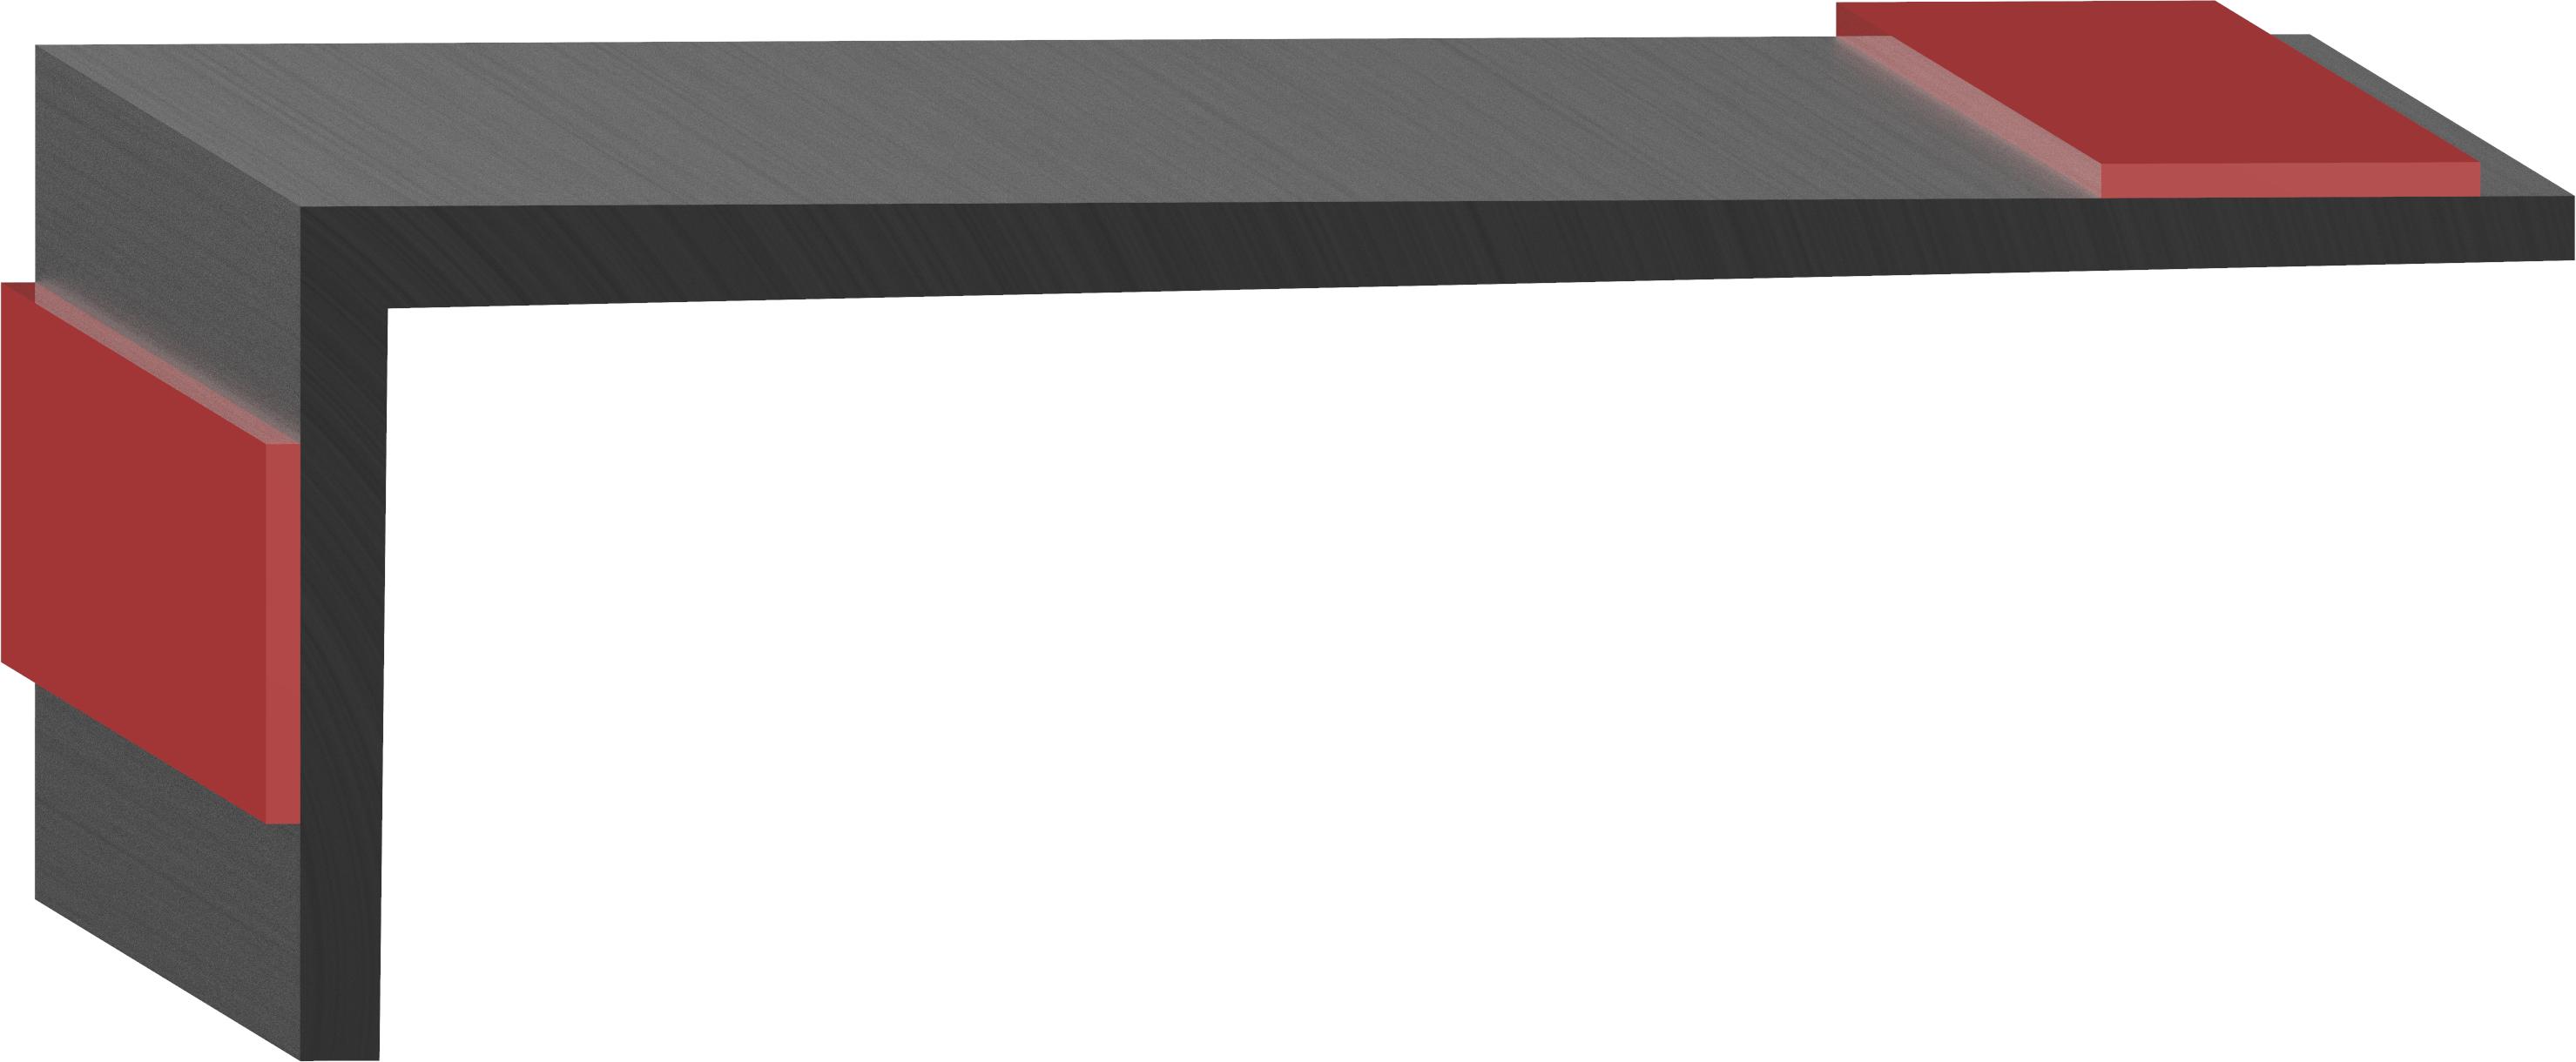 Uni-Grip part: SD-338-DT